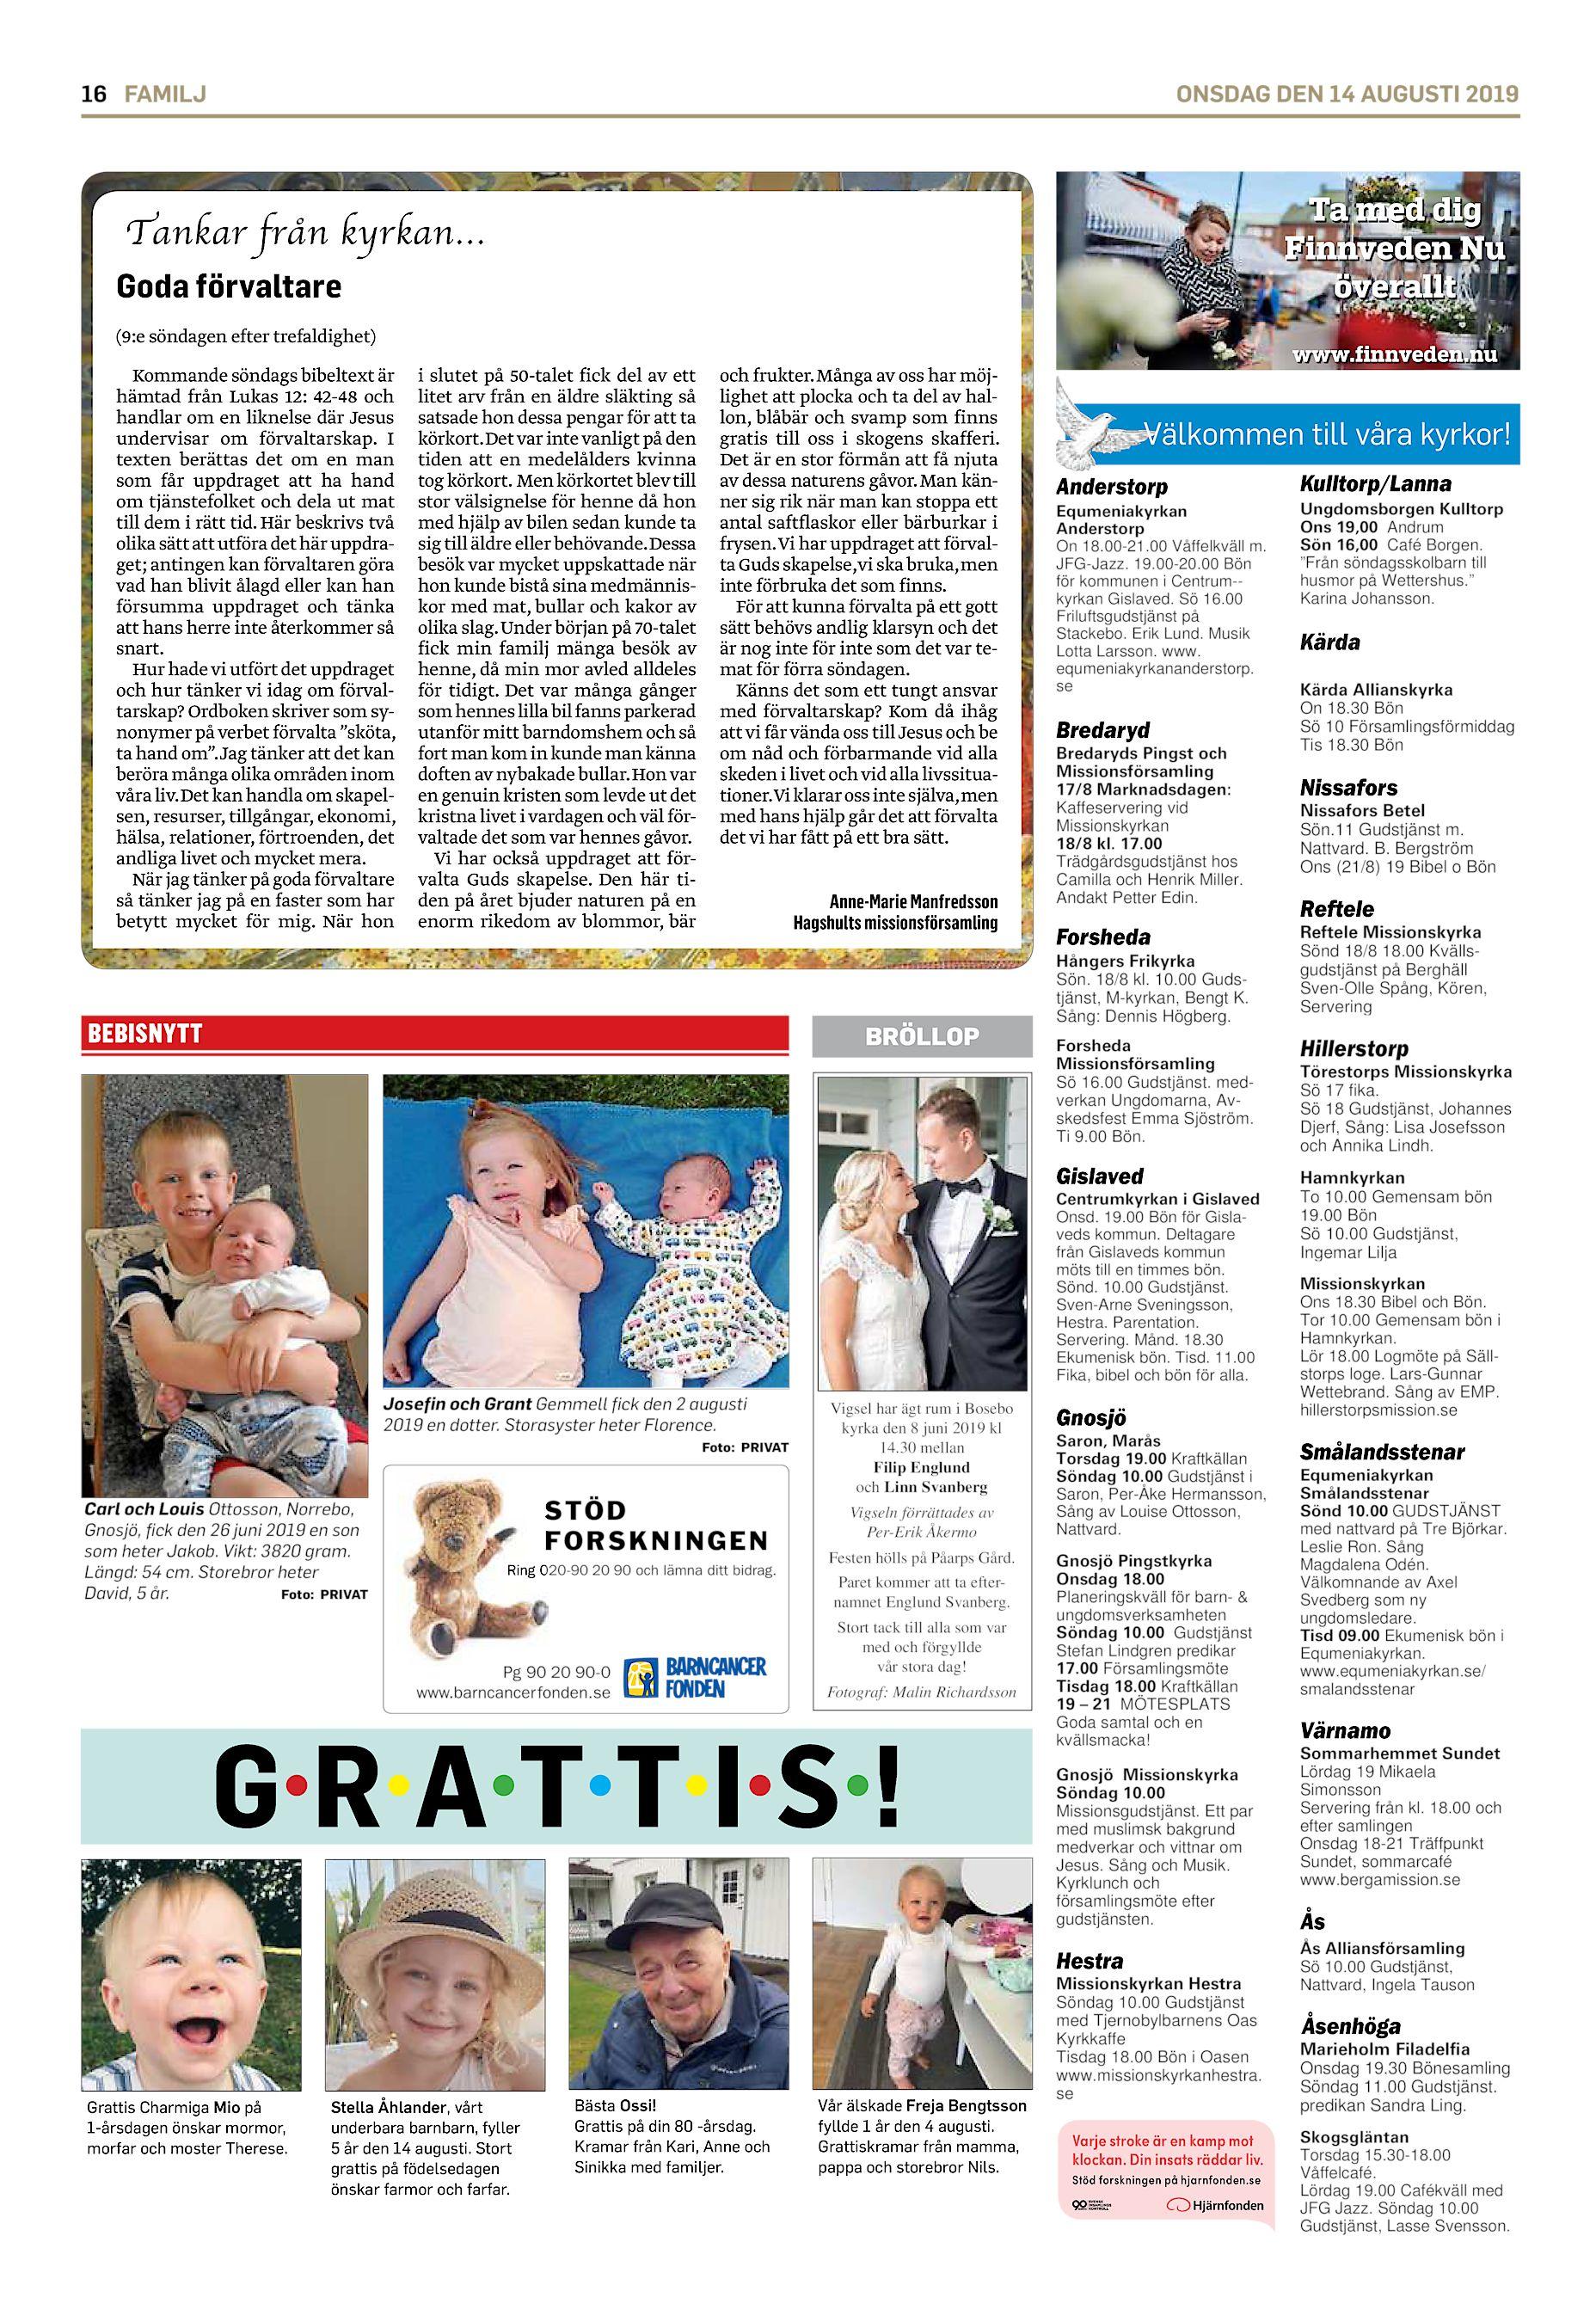 Vilka fyller r i Bredaryd idag? - patient-survey.net